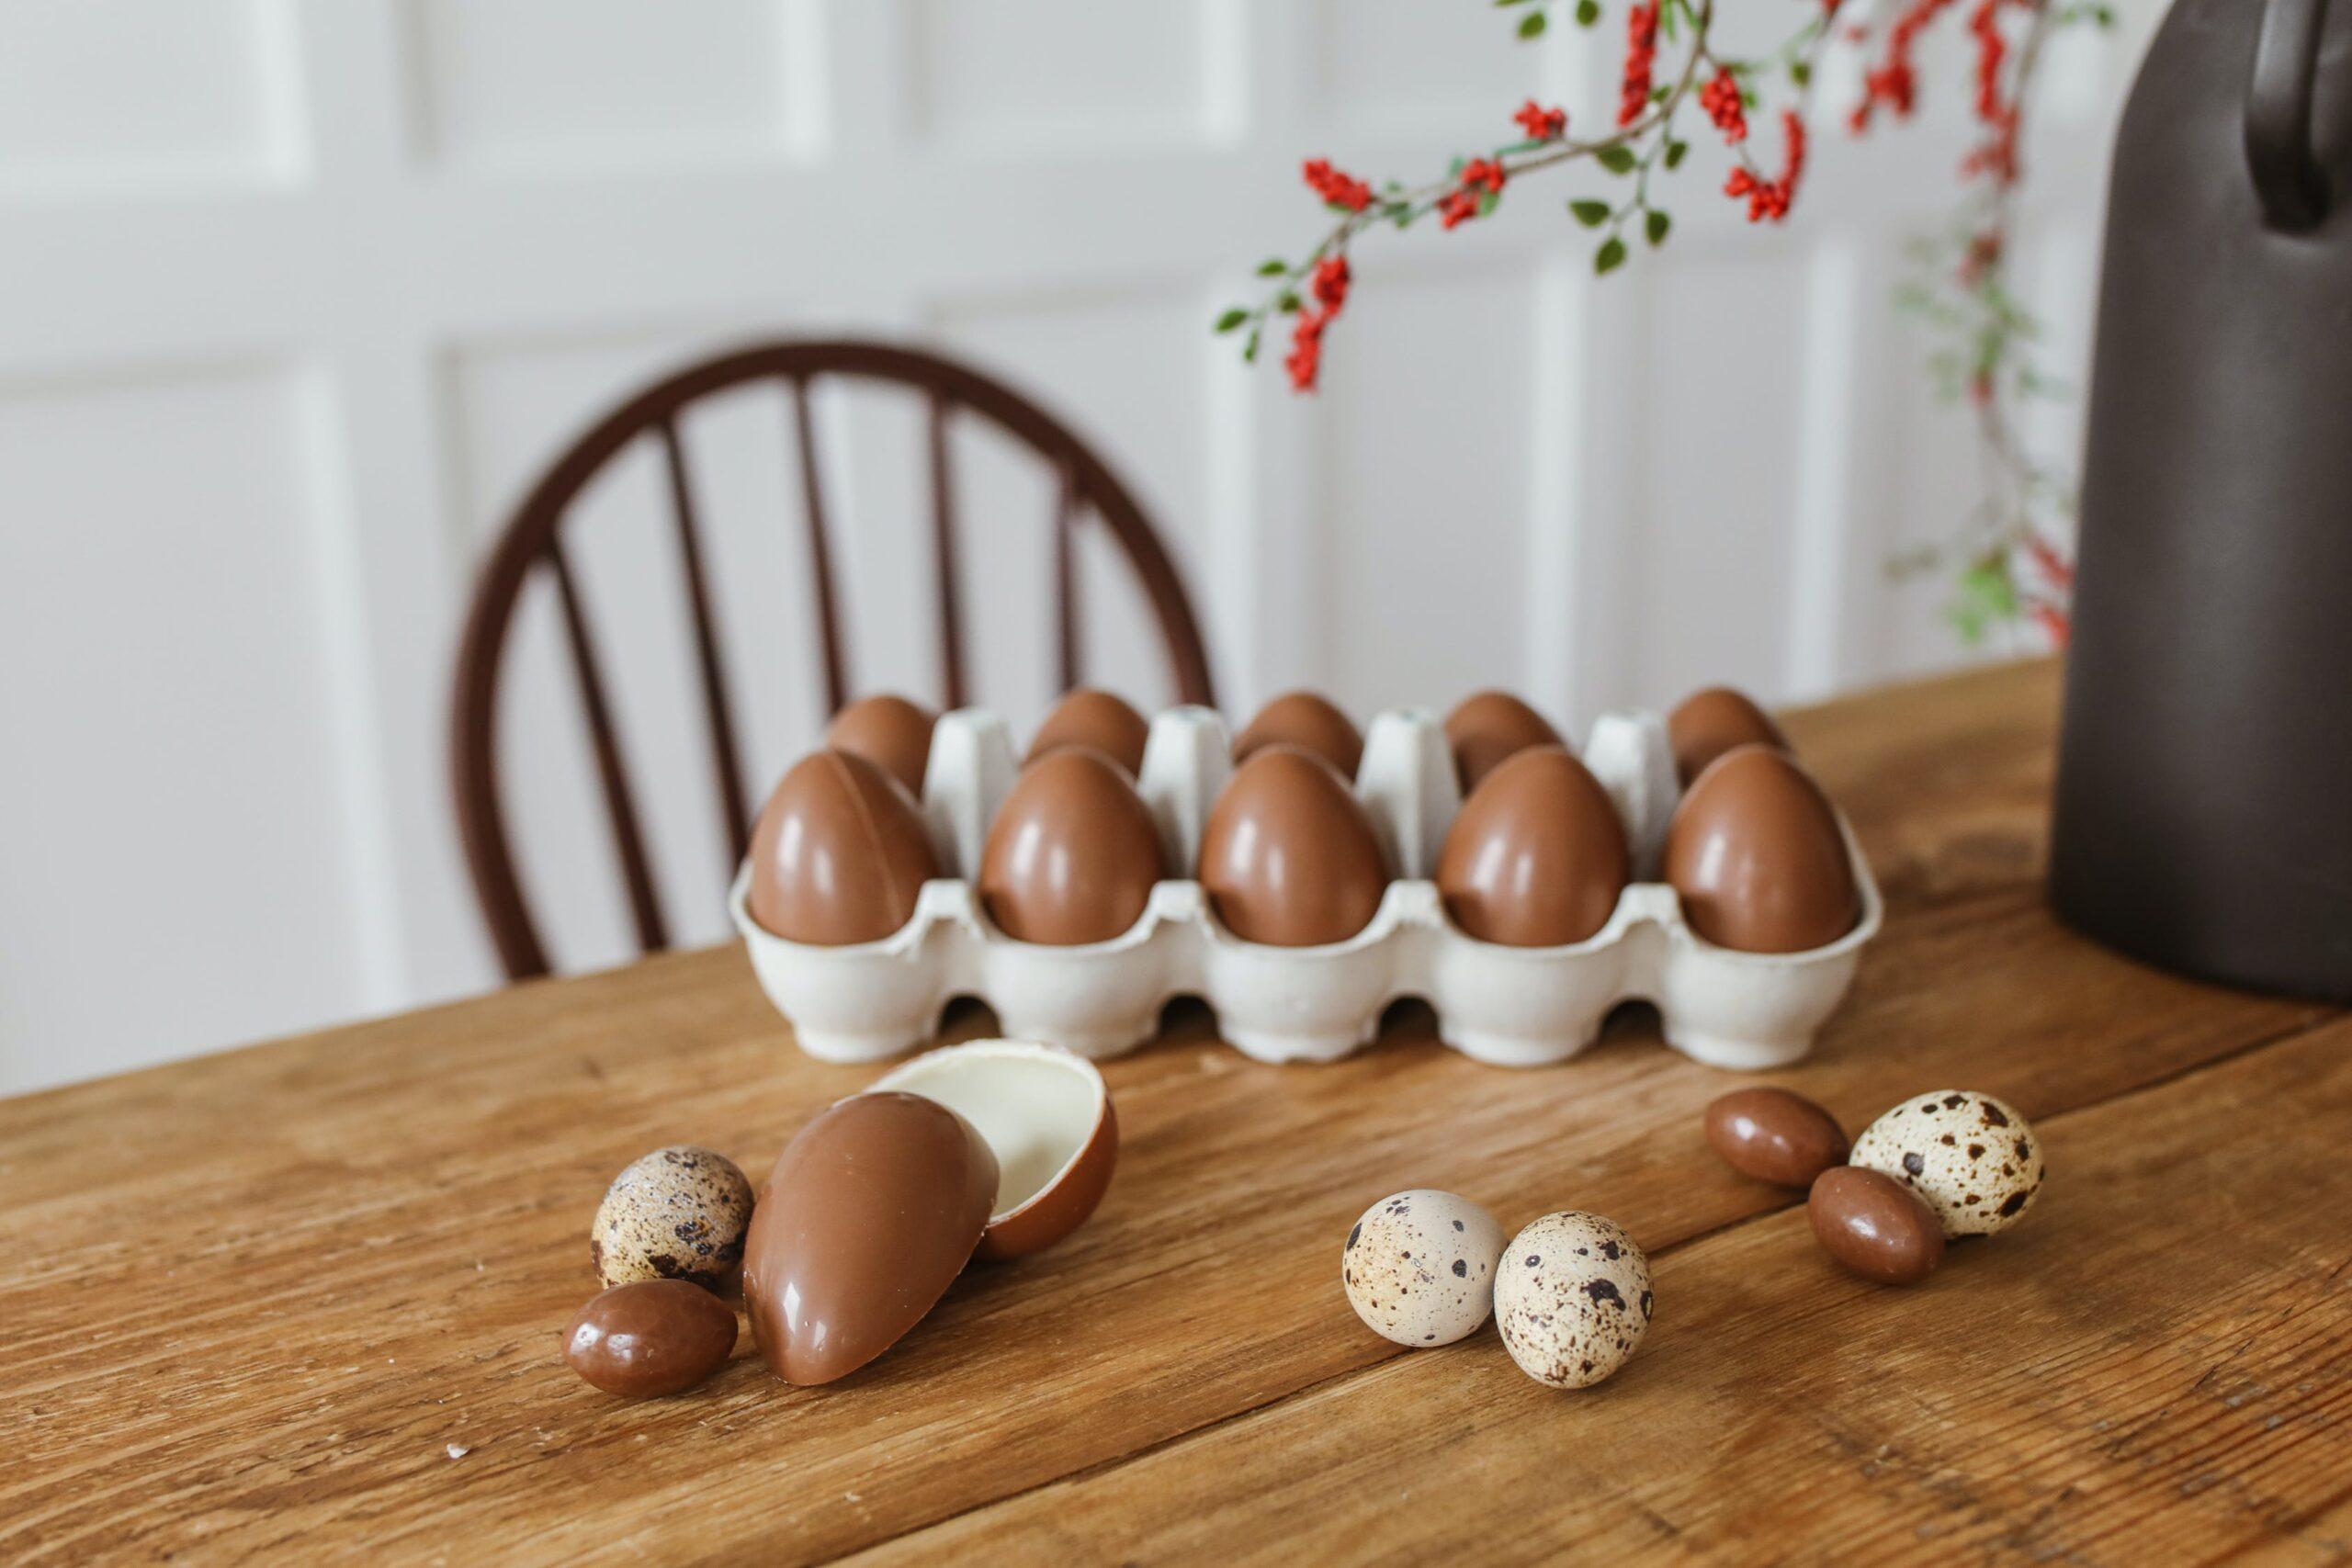 receita de ovo de pascoa sendo preparada